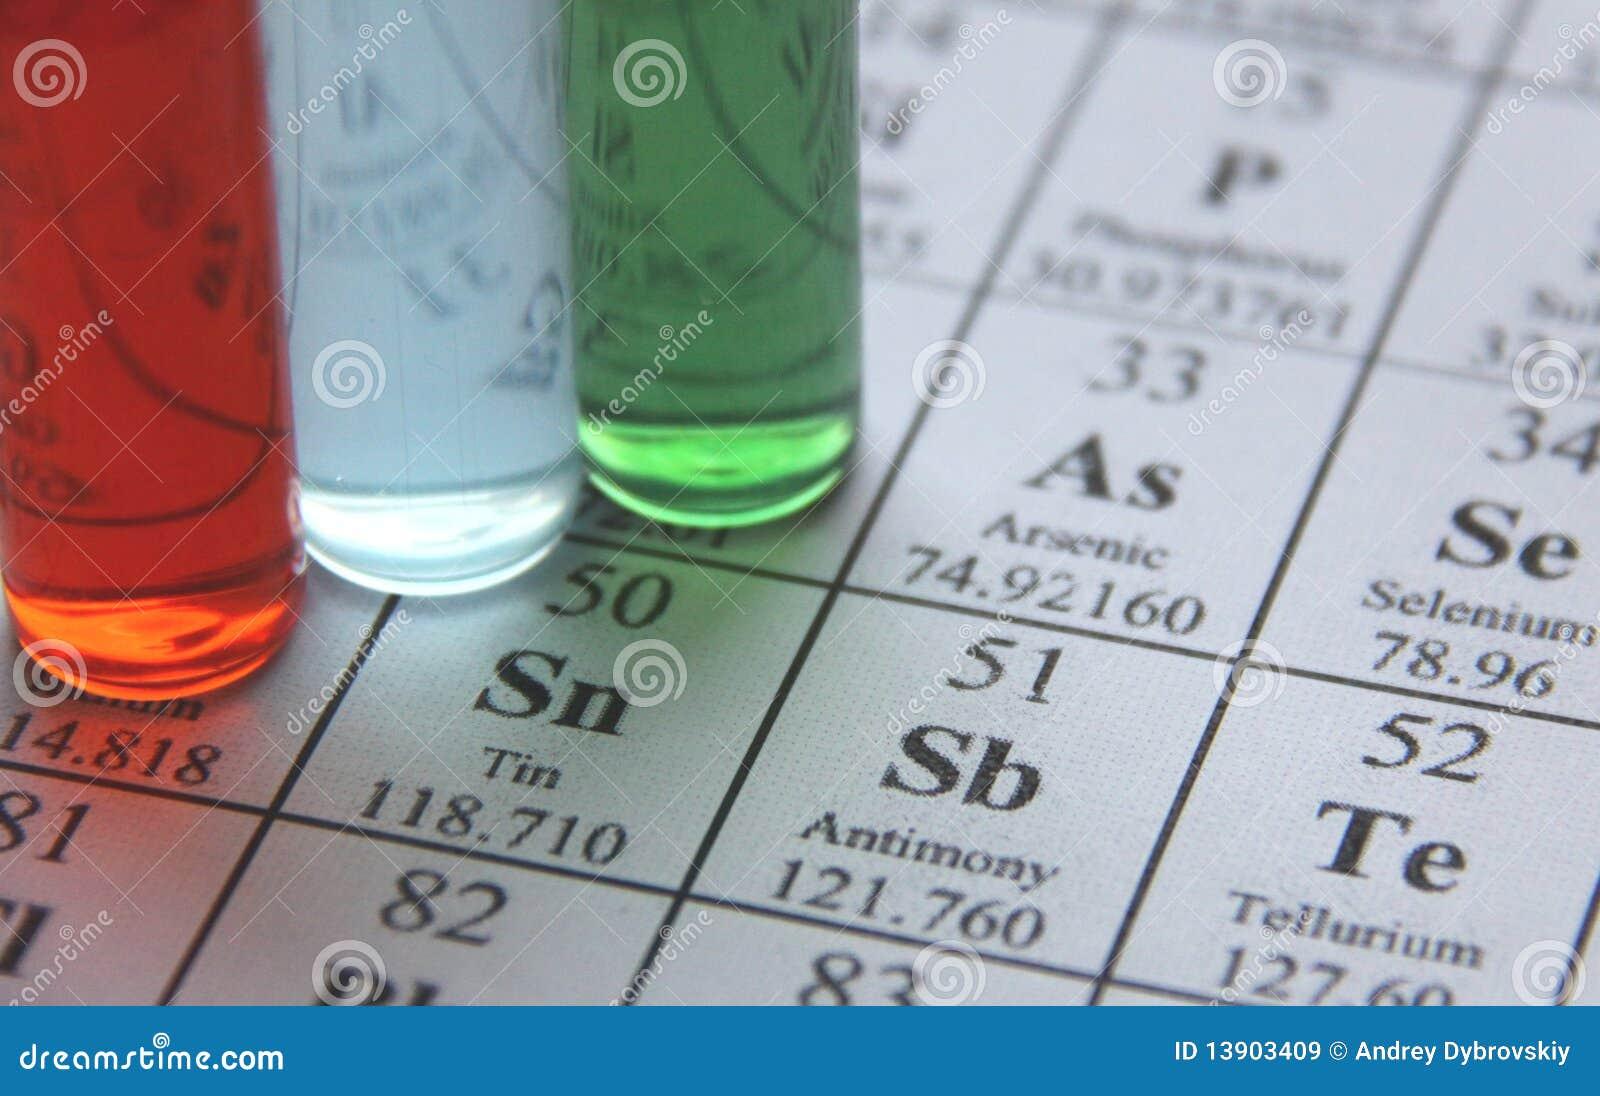 пробирка серии химии